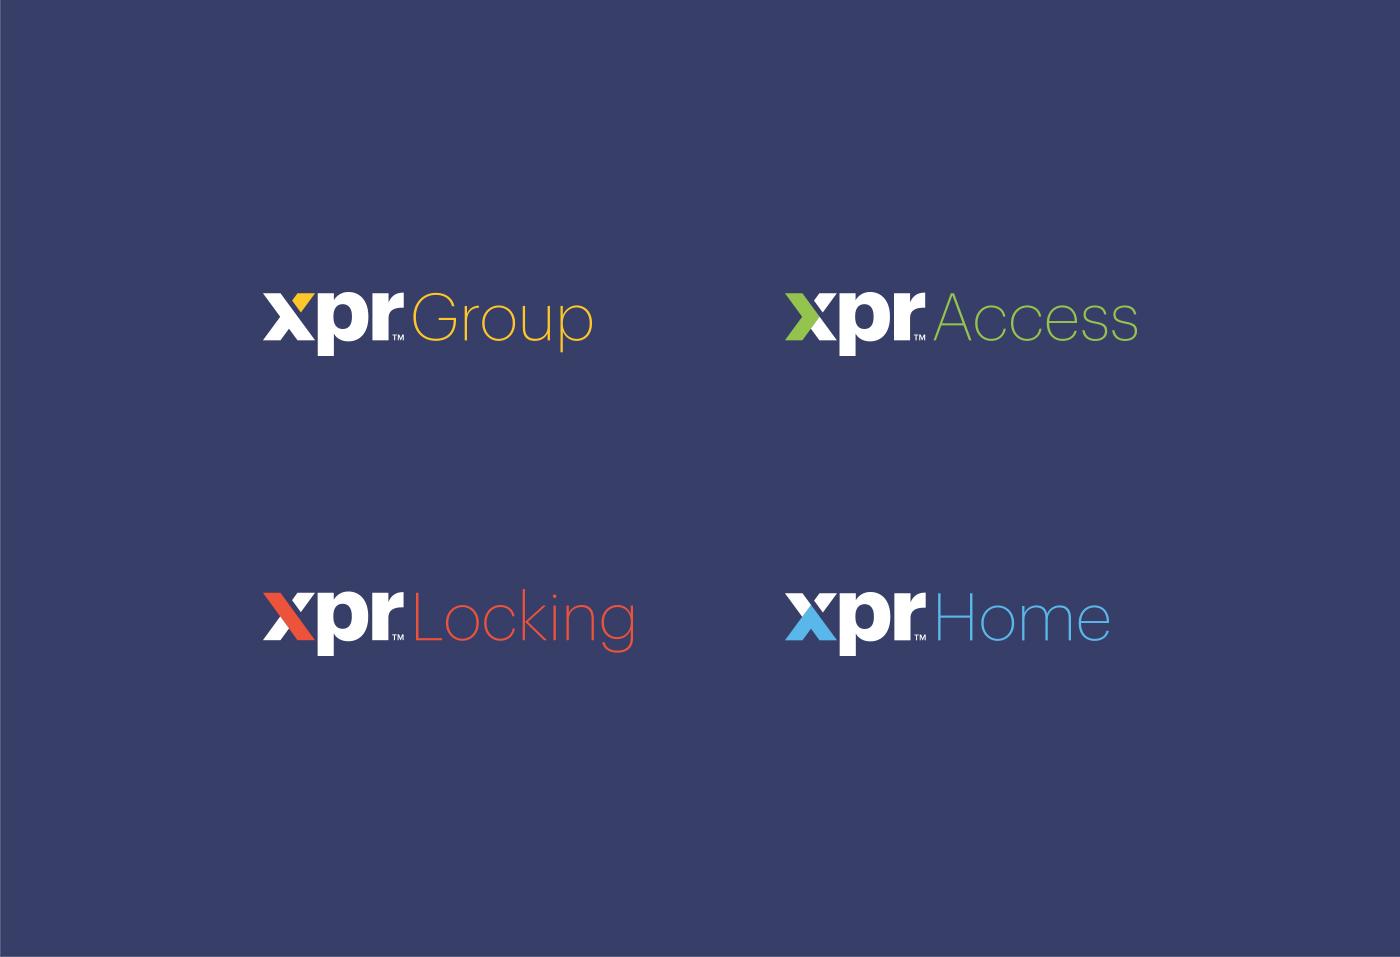 pixelarte-estudio-diseno-logotipo-grupo-empresa-para-xpr